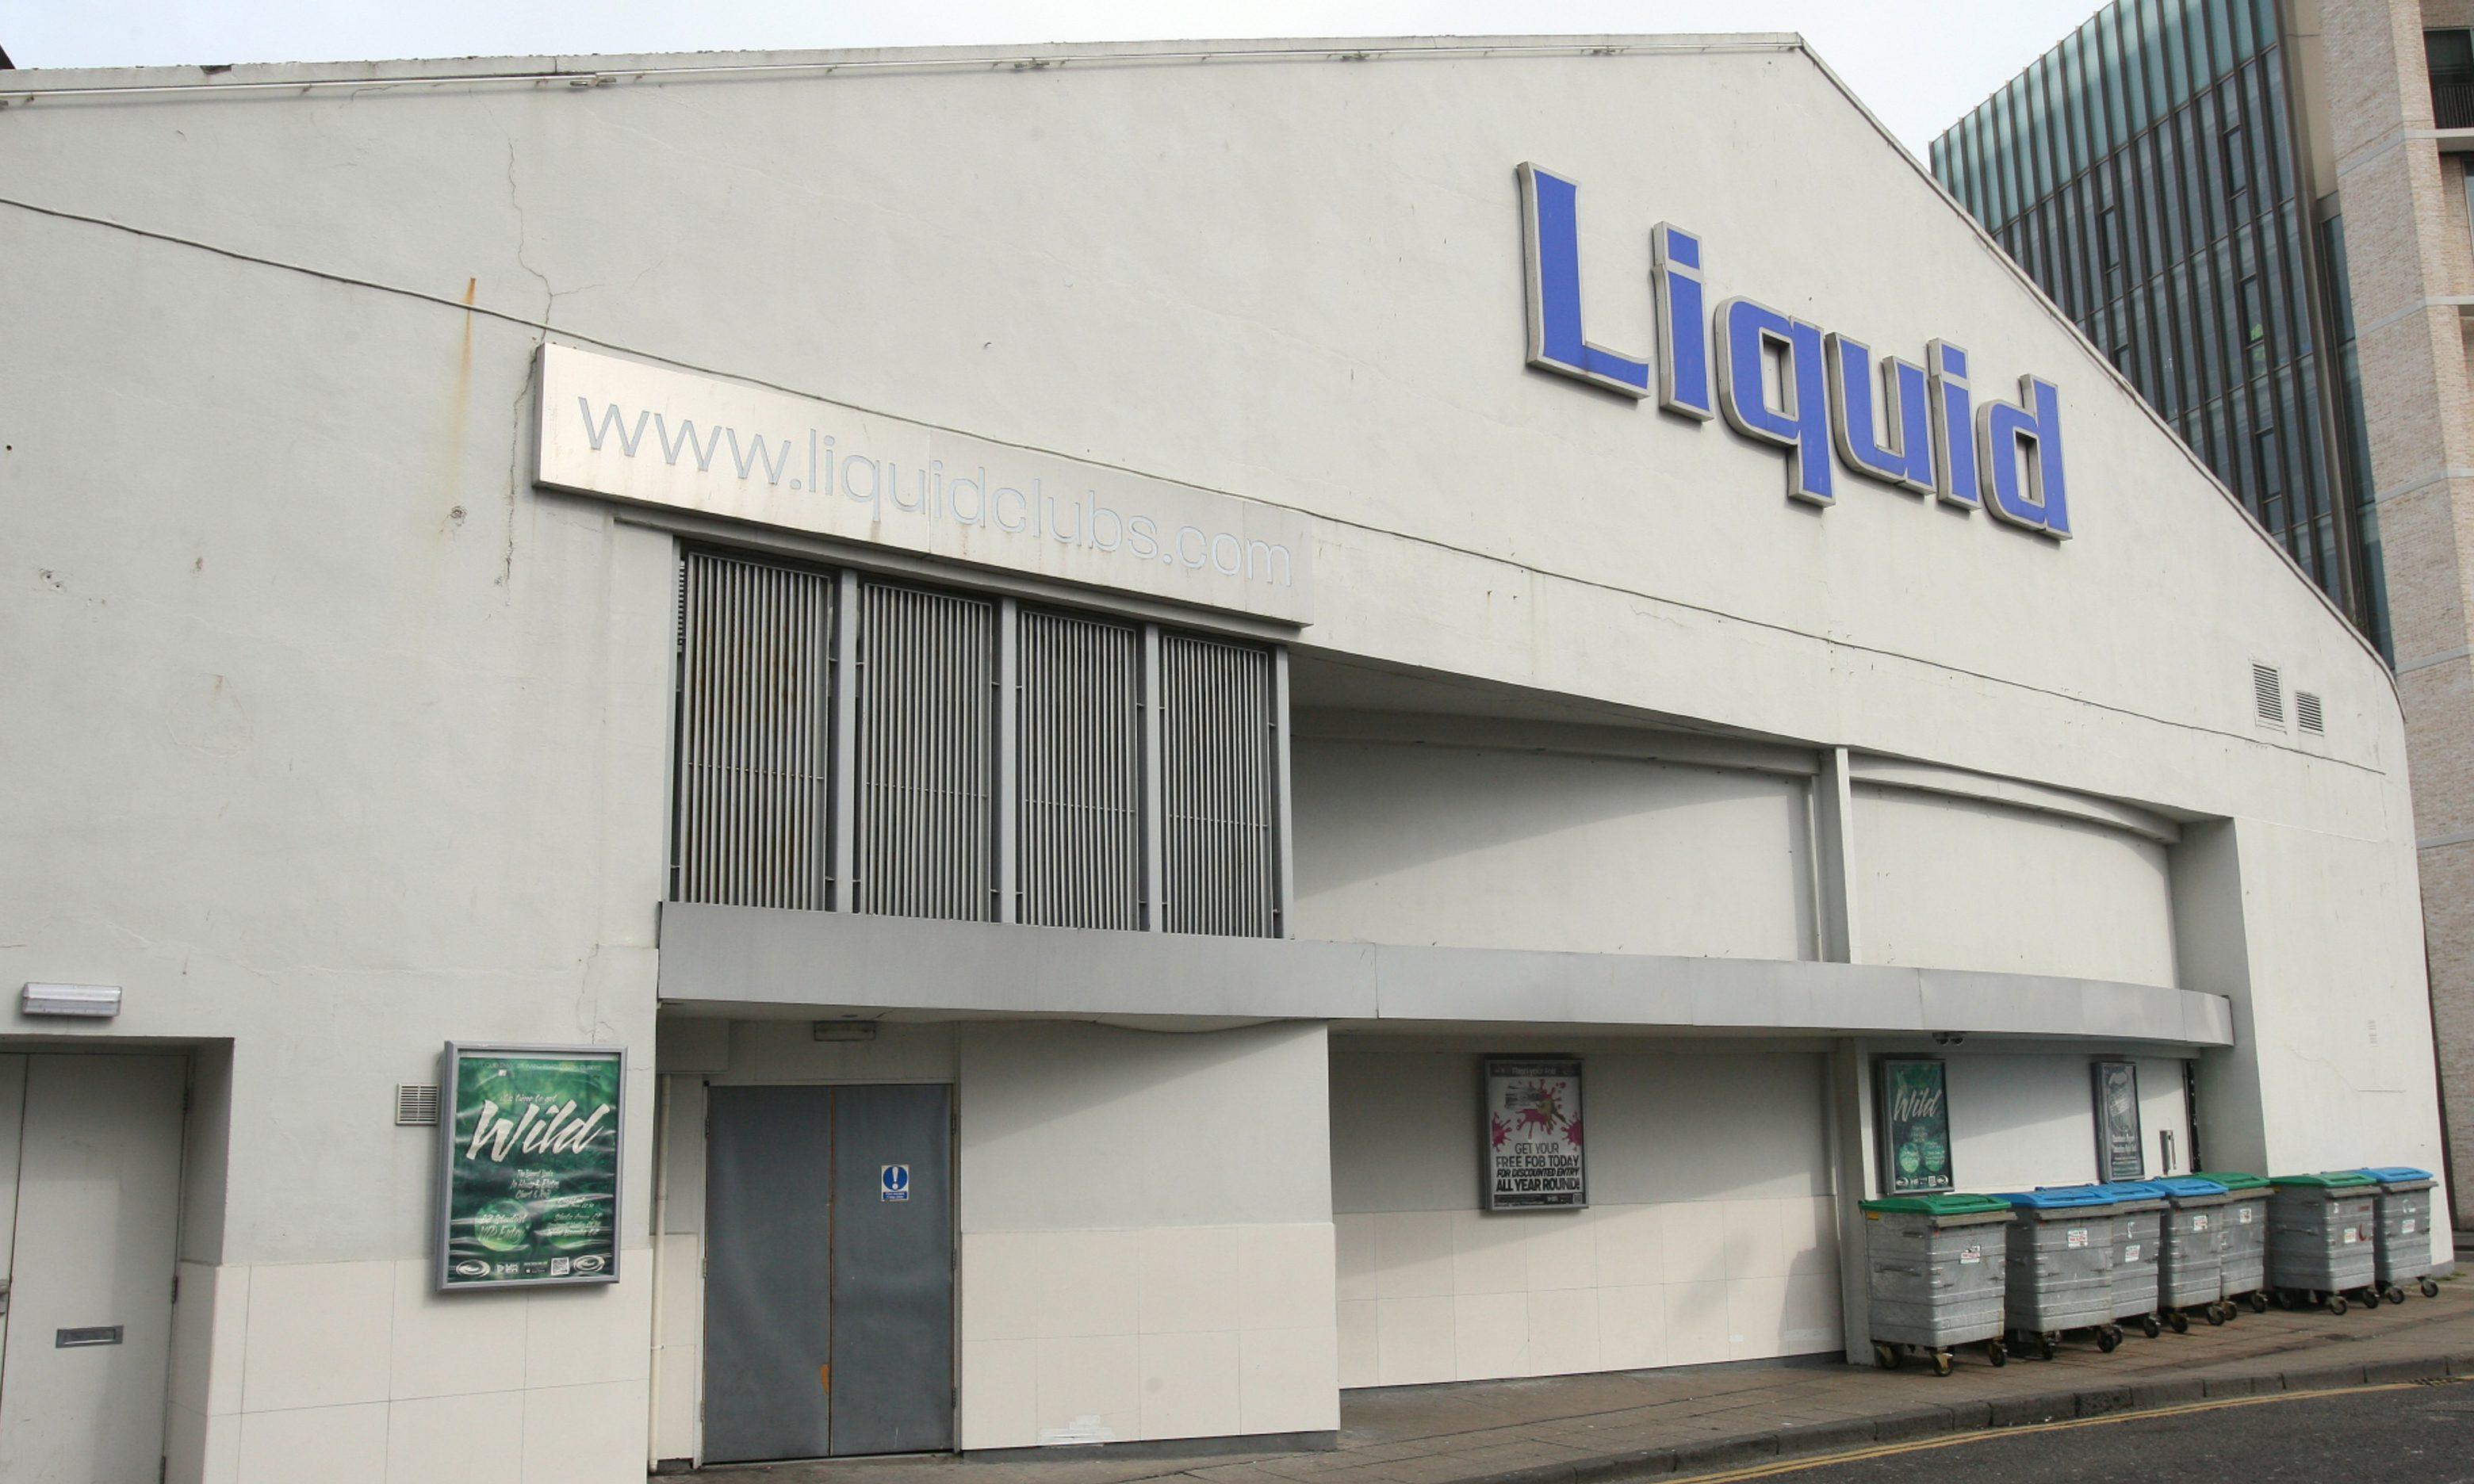 The attack happened in Liquid nightclub.